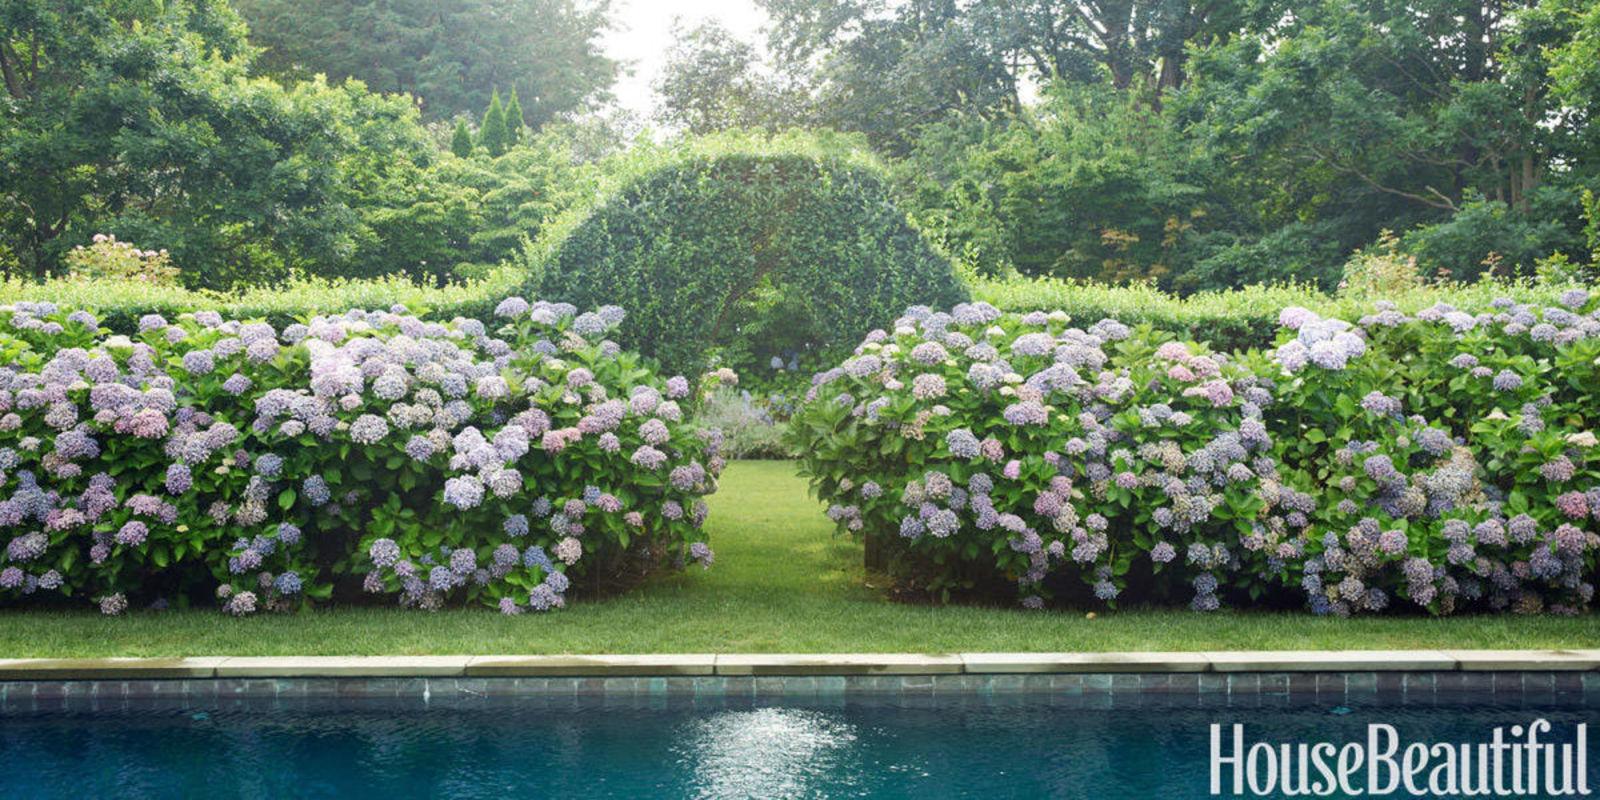 gardens benefit dementia patients health benefits of gardens